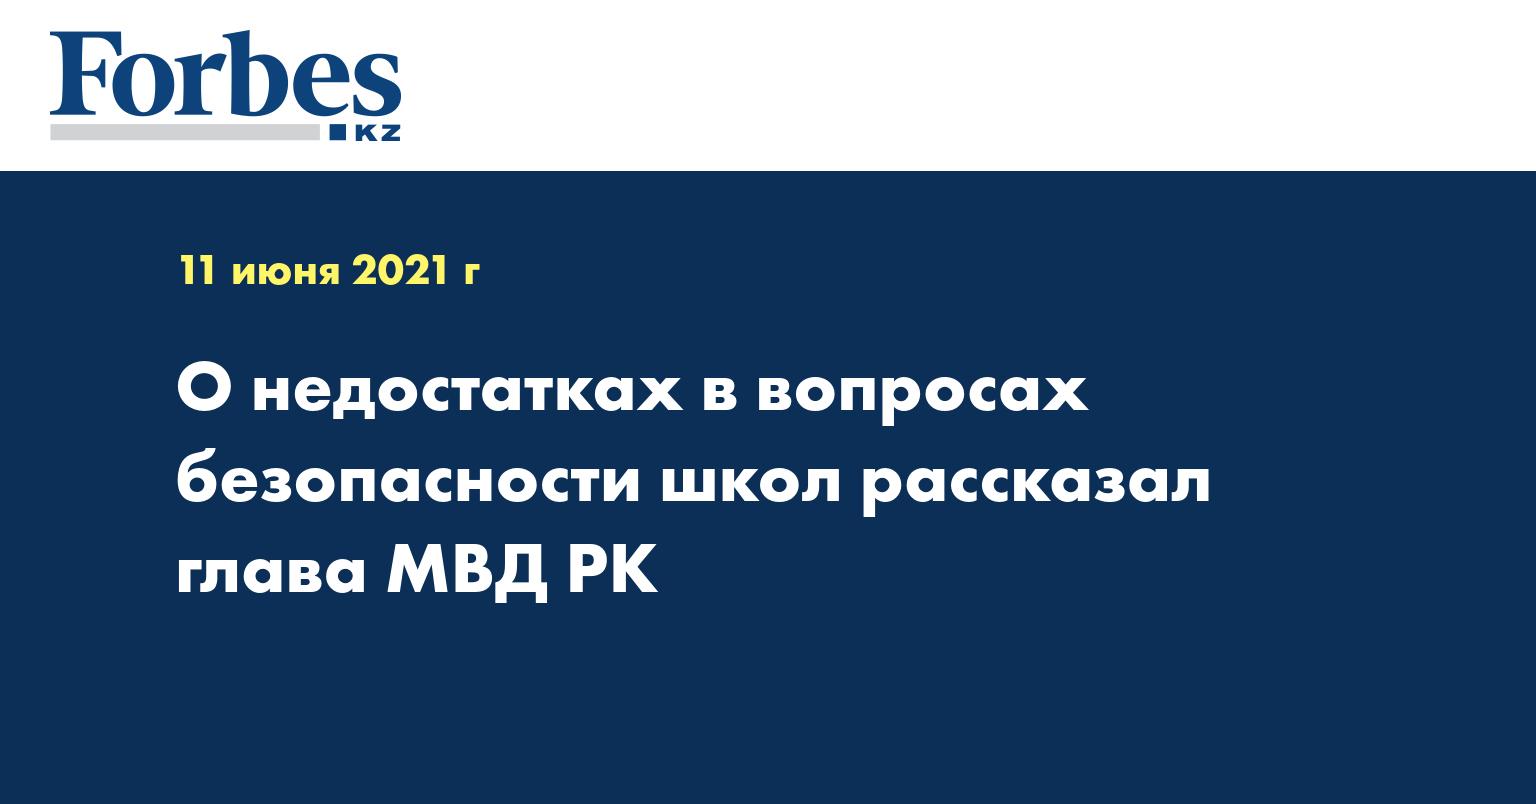 О недостатках в вопросах безопасности школ рассказал глава МВД РК